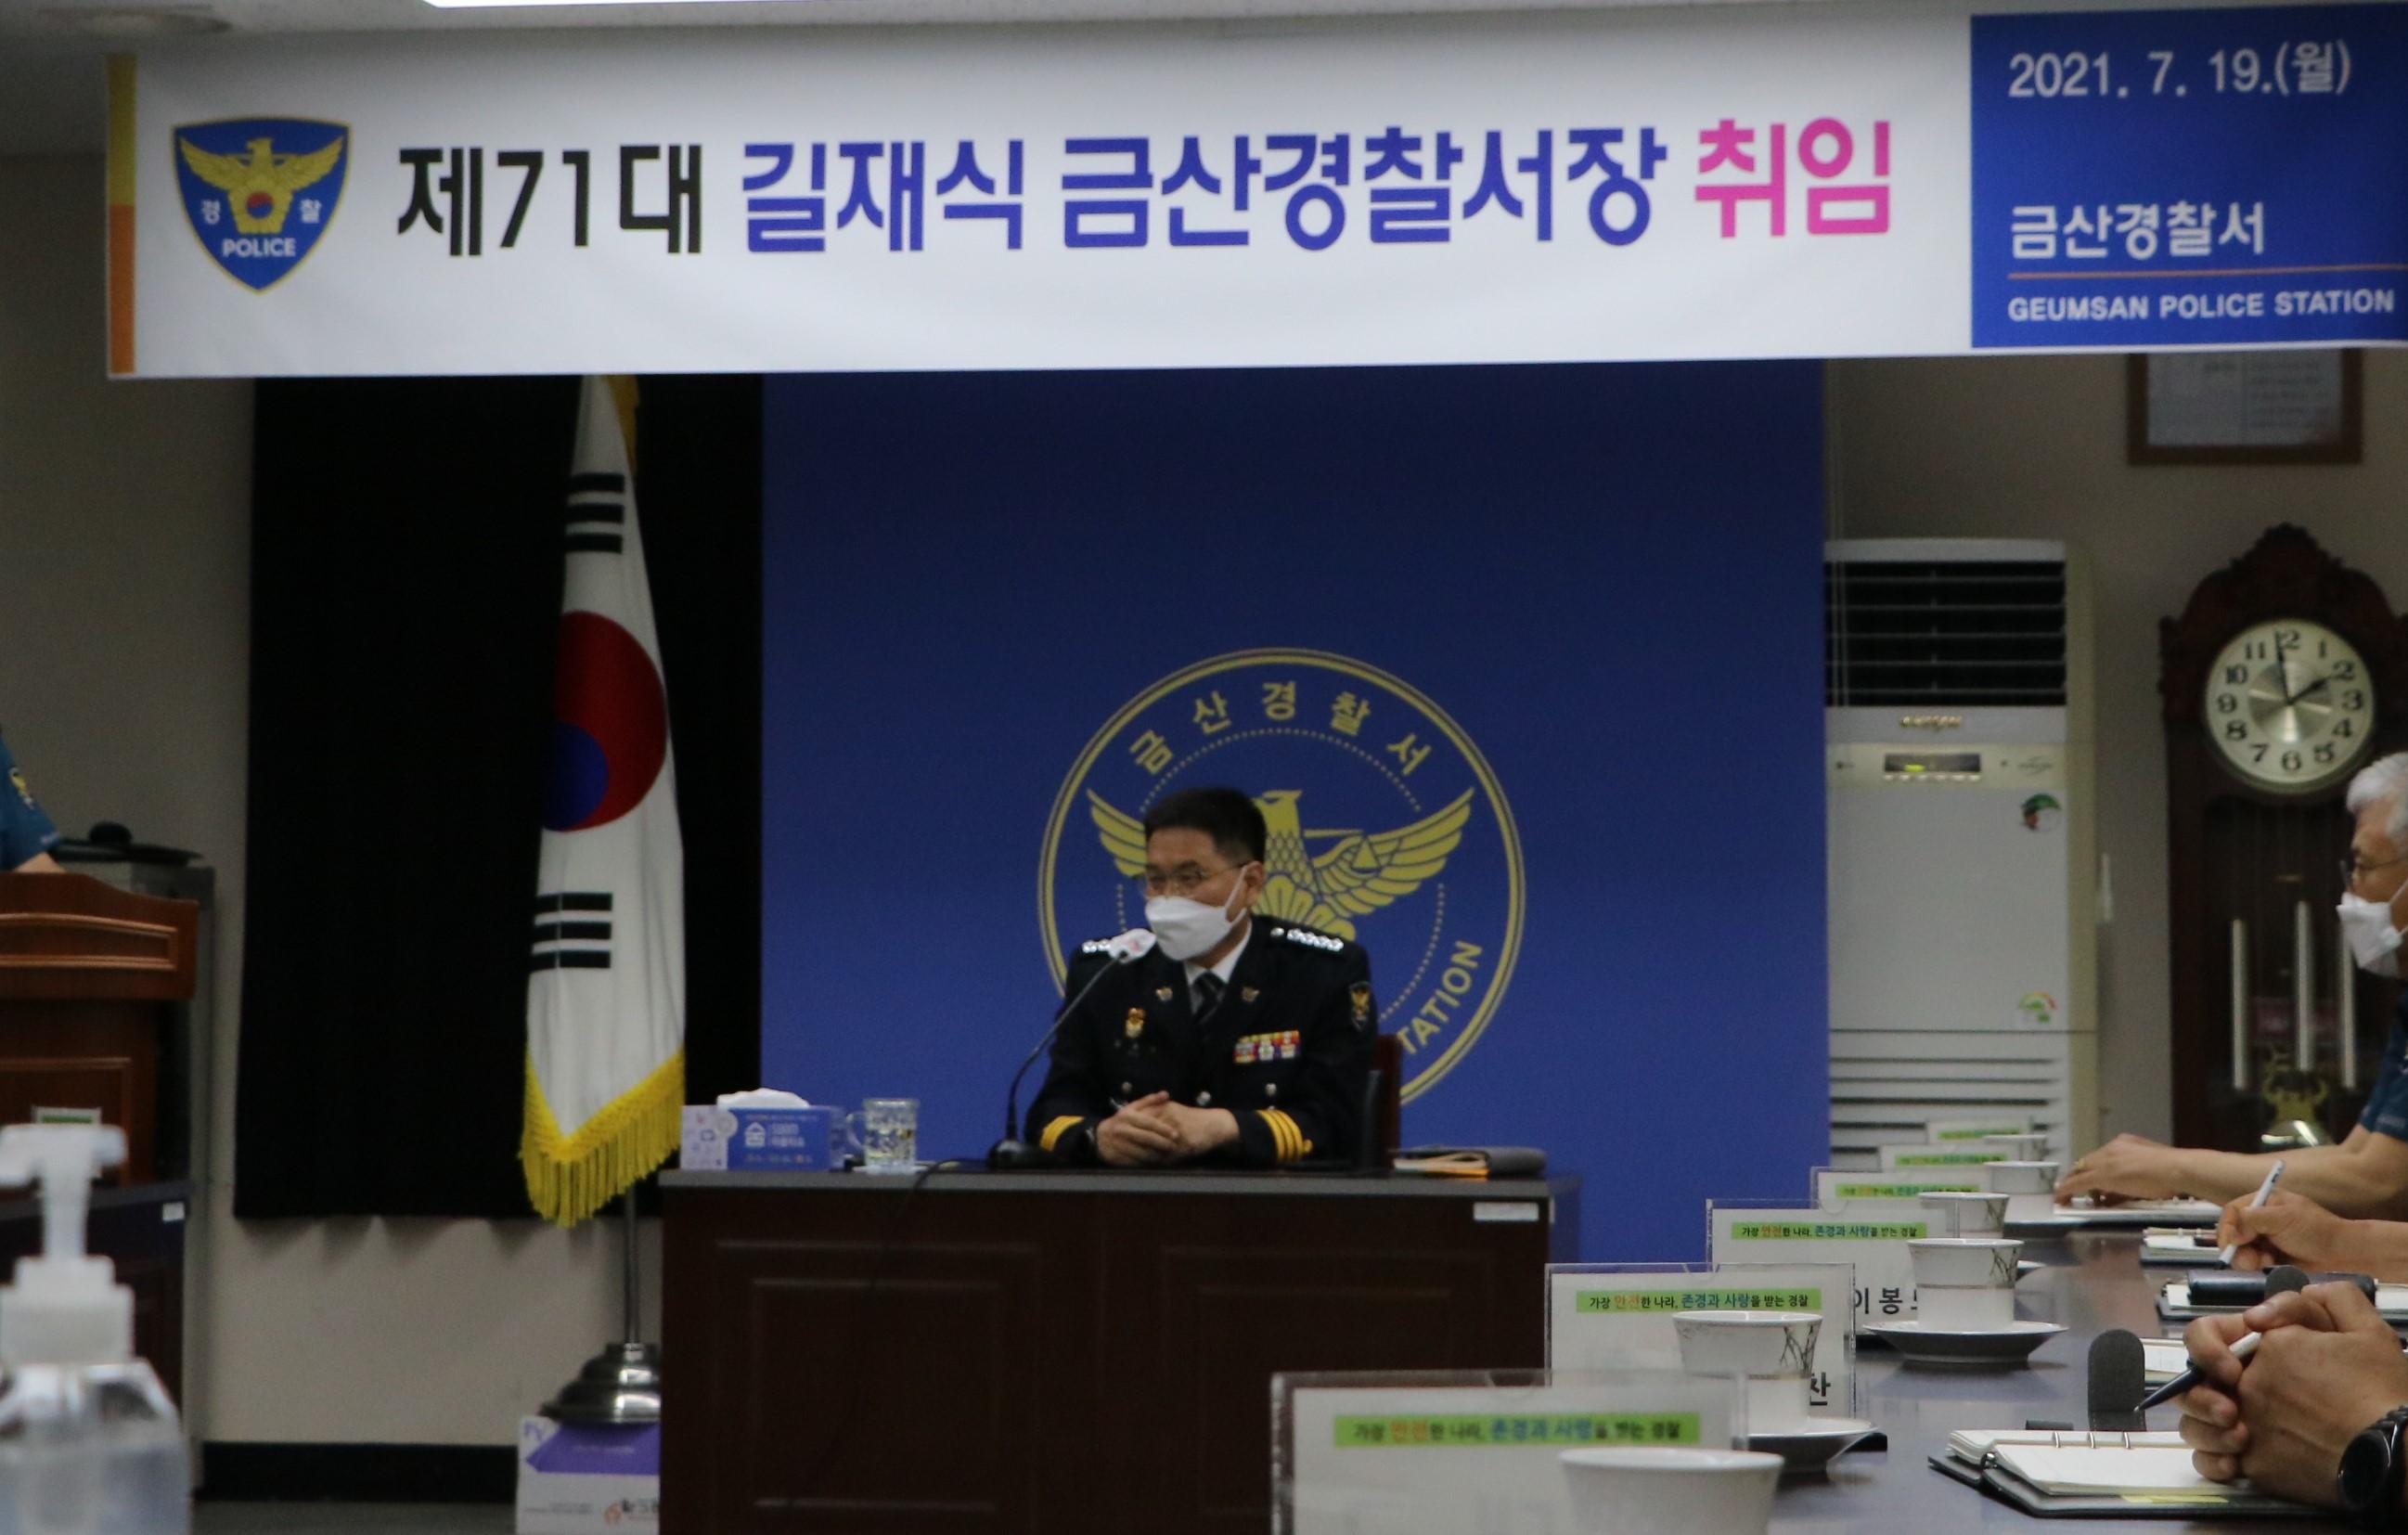 제71대 길재식 금산경찰서장 취임